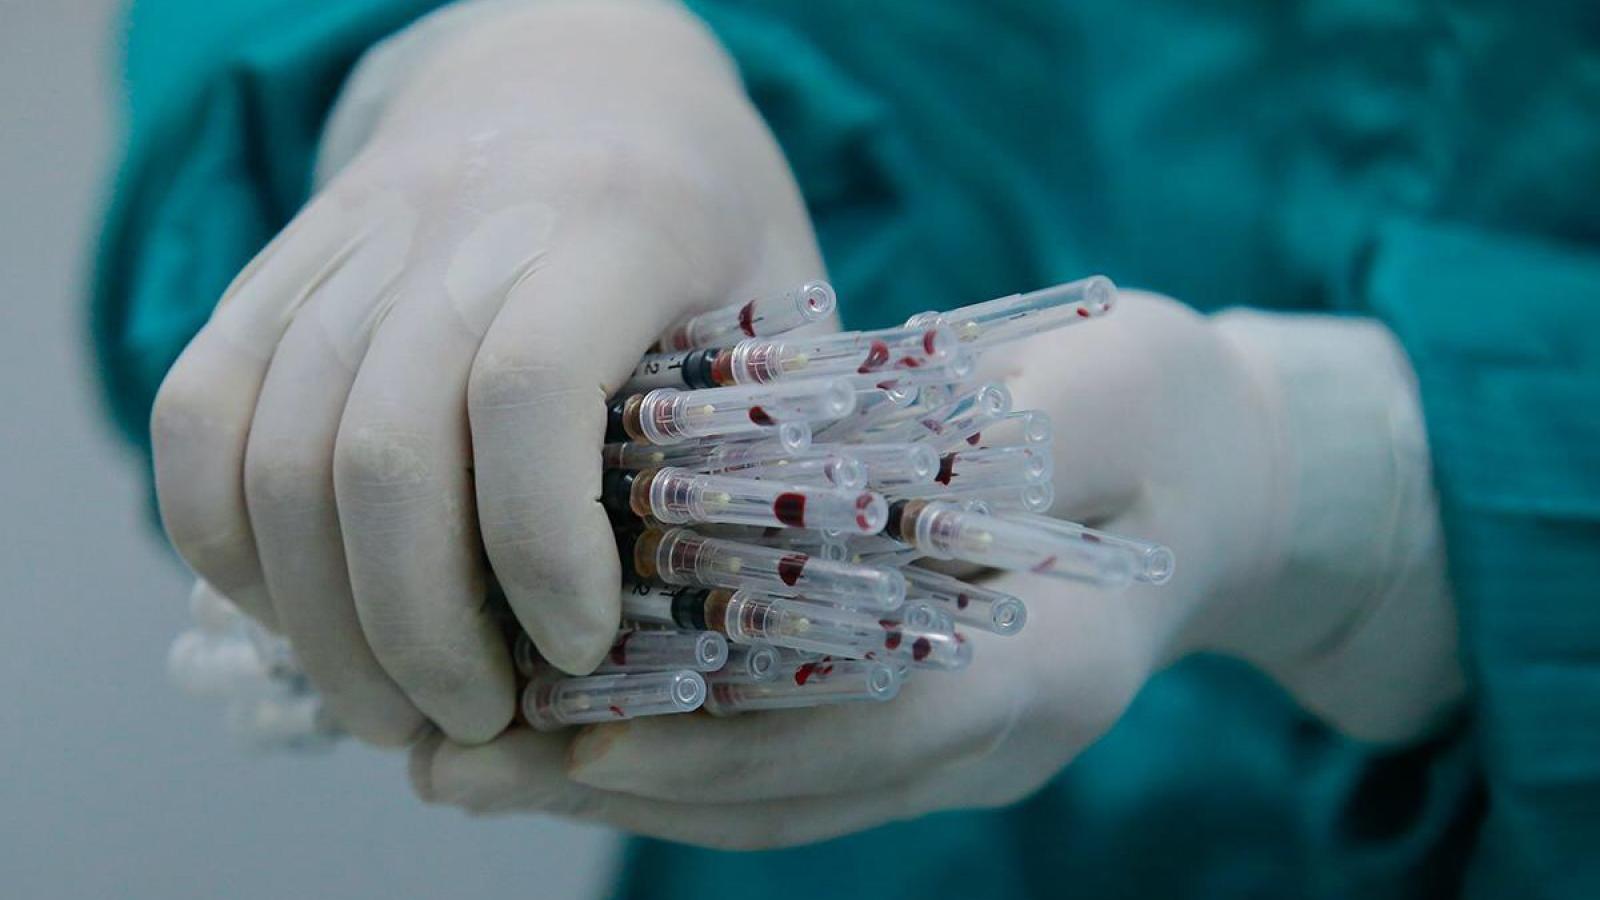 Thử nghiệm vaccine Covid-19 trên người cần dựa trên những tiêu chí nào?